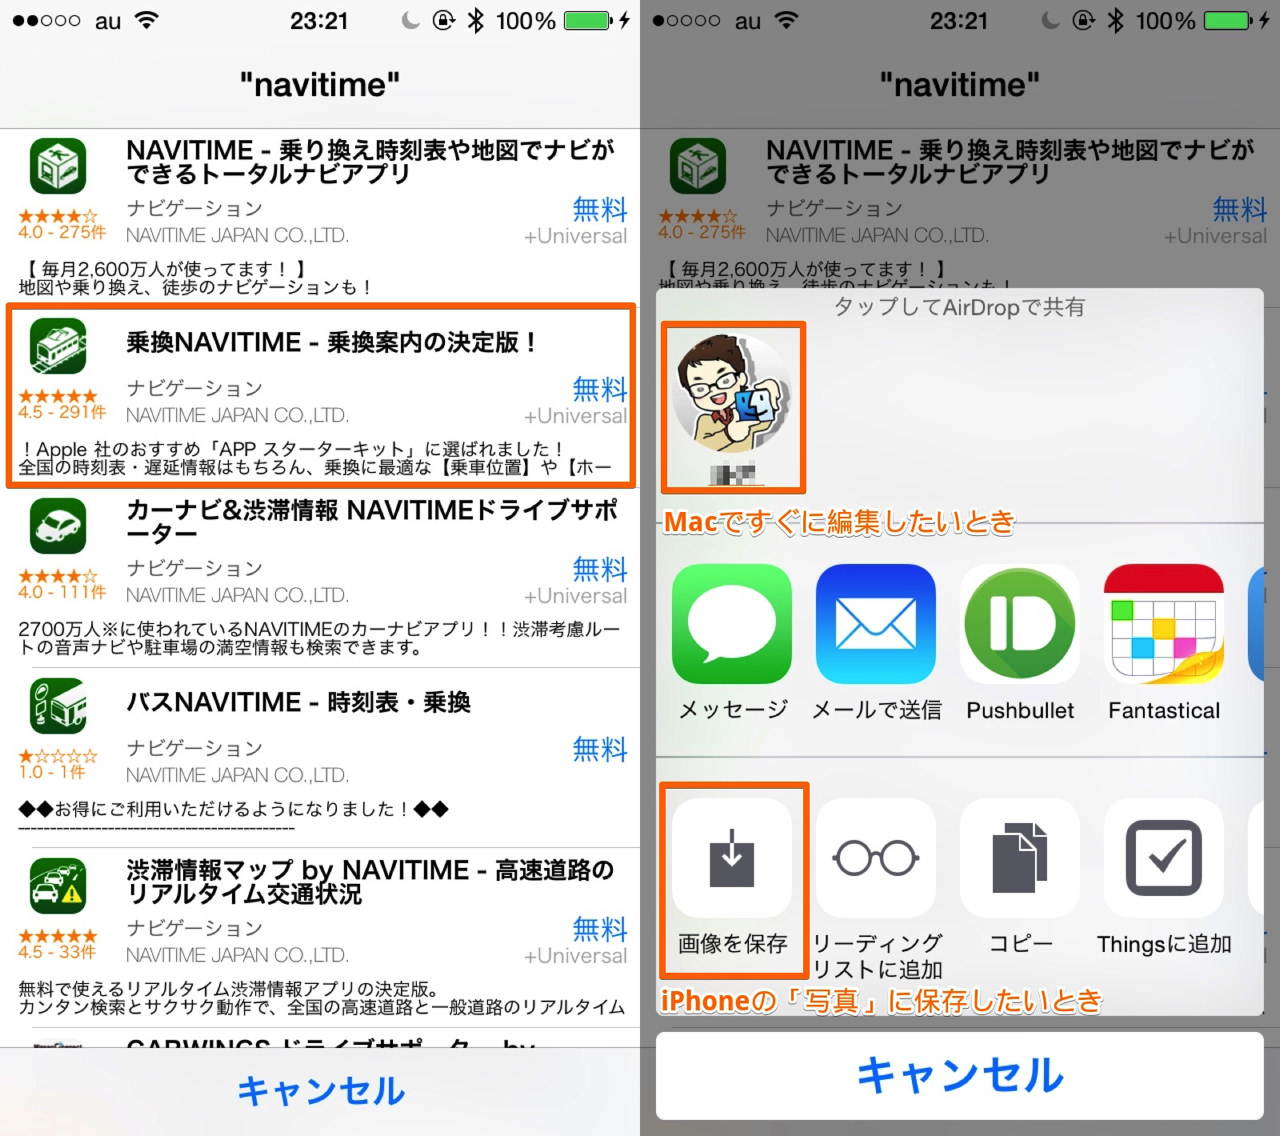 検索したアプリを長押しタップし「AirDrop」か「画像を保存」を選択する